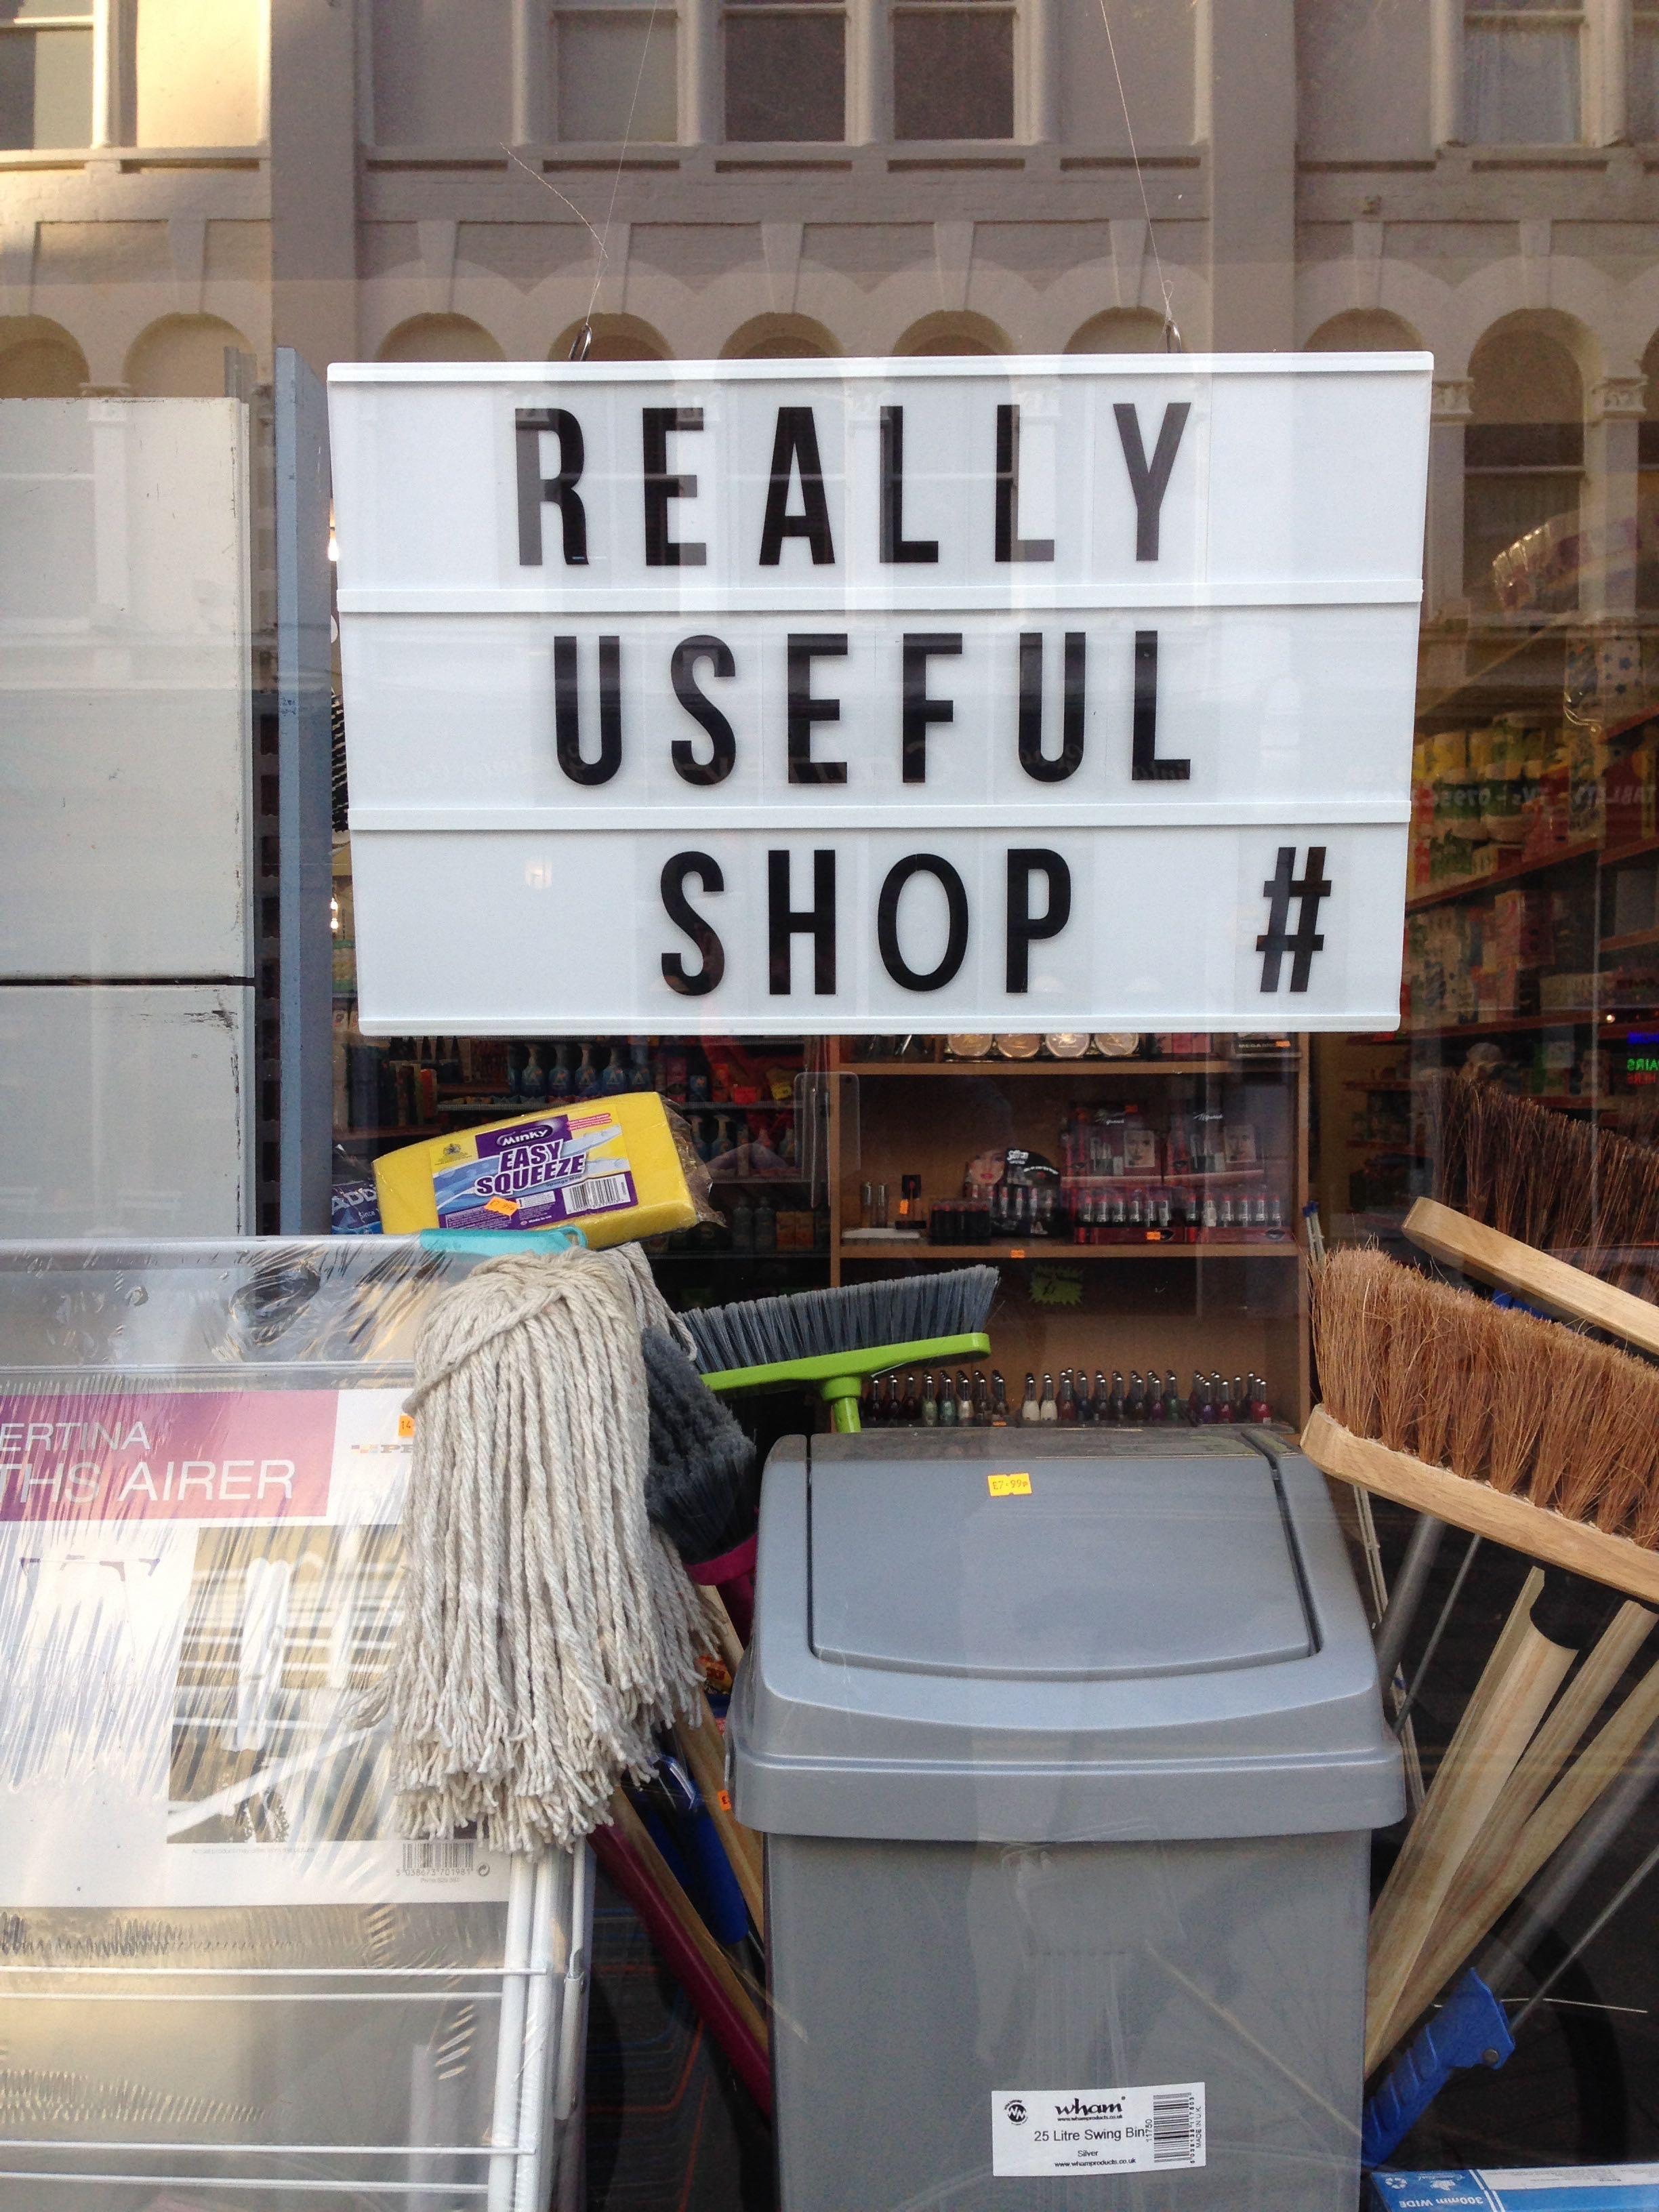 Really useful shop